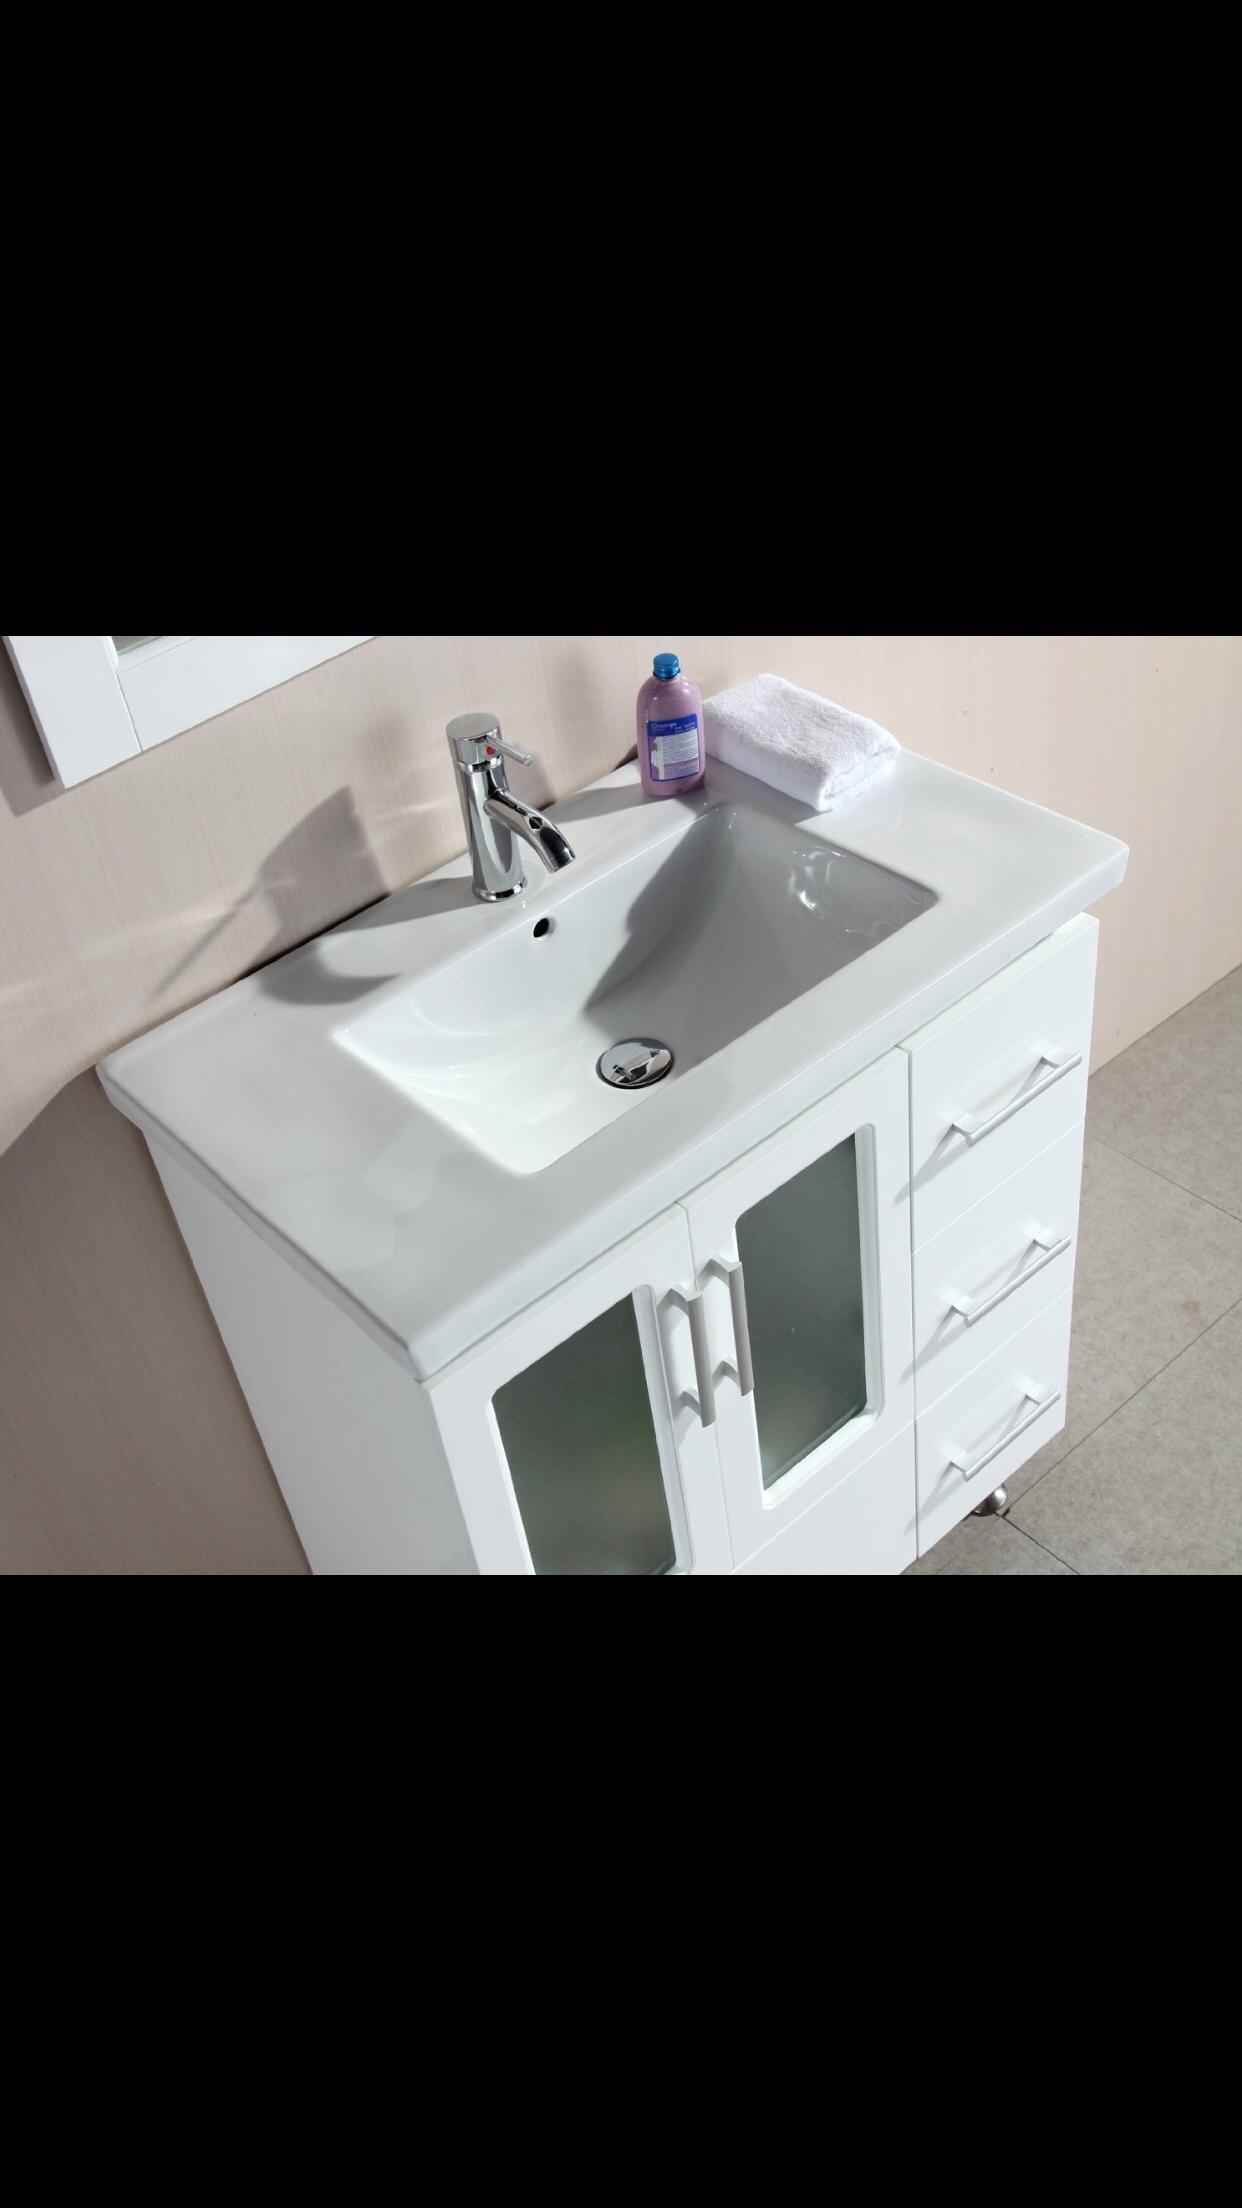 Pin By Btsvv Furnishings On 32 Inch Bathroom Vanities Vanity Sink Vanity Sink [ 2208 x 1242 Pixel ]